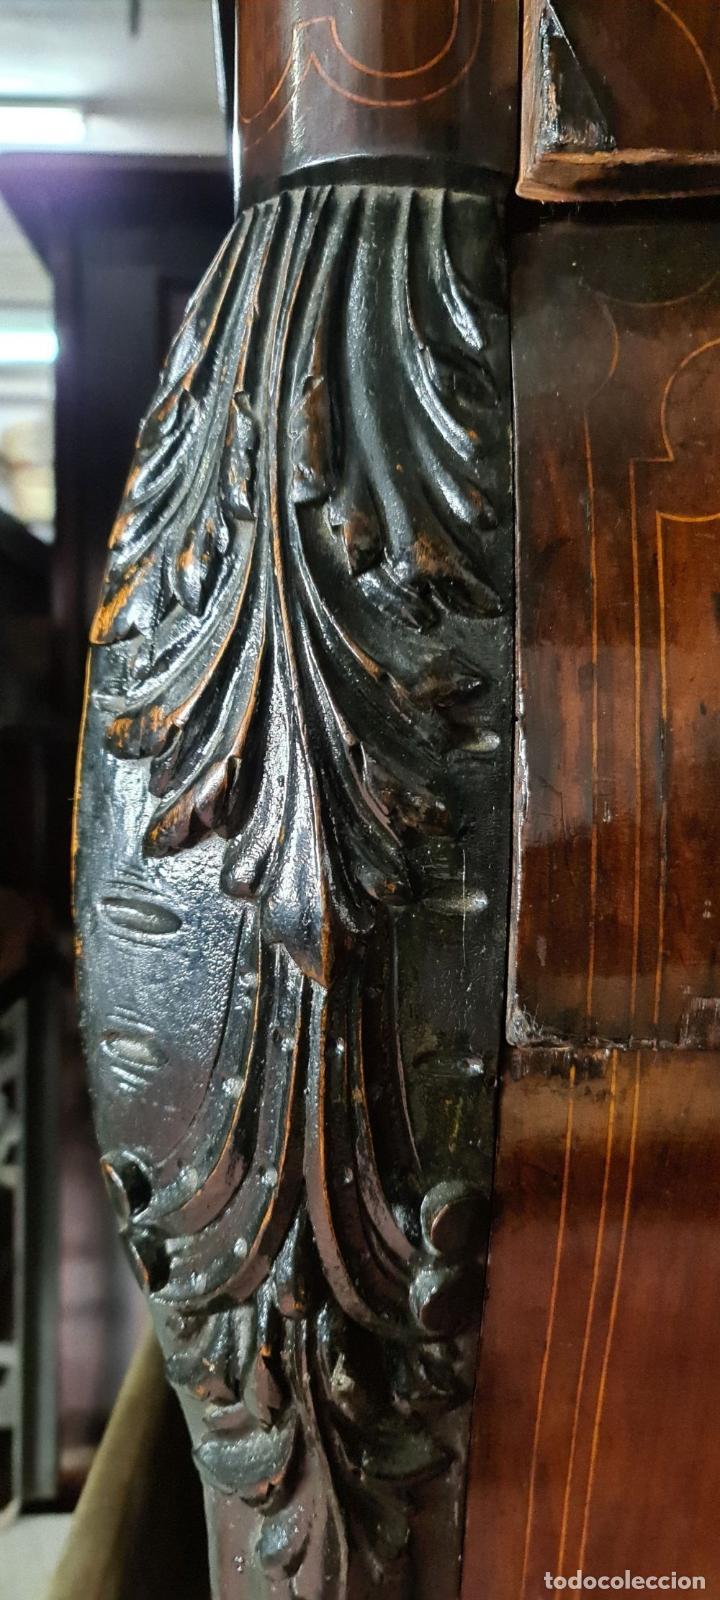 Antigüedades: COMODA EN MADERA DE PALISANDRO. ESTILO ISABELINO. MARQUETERIA DE BOJ. SIGLO XIX. - Foto 19 - 242040395